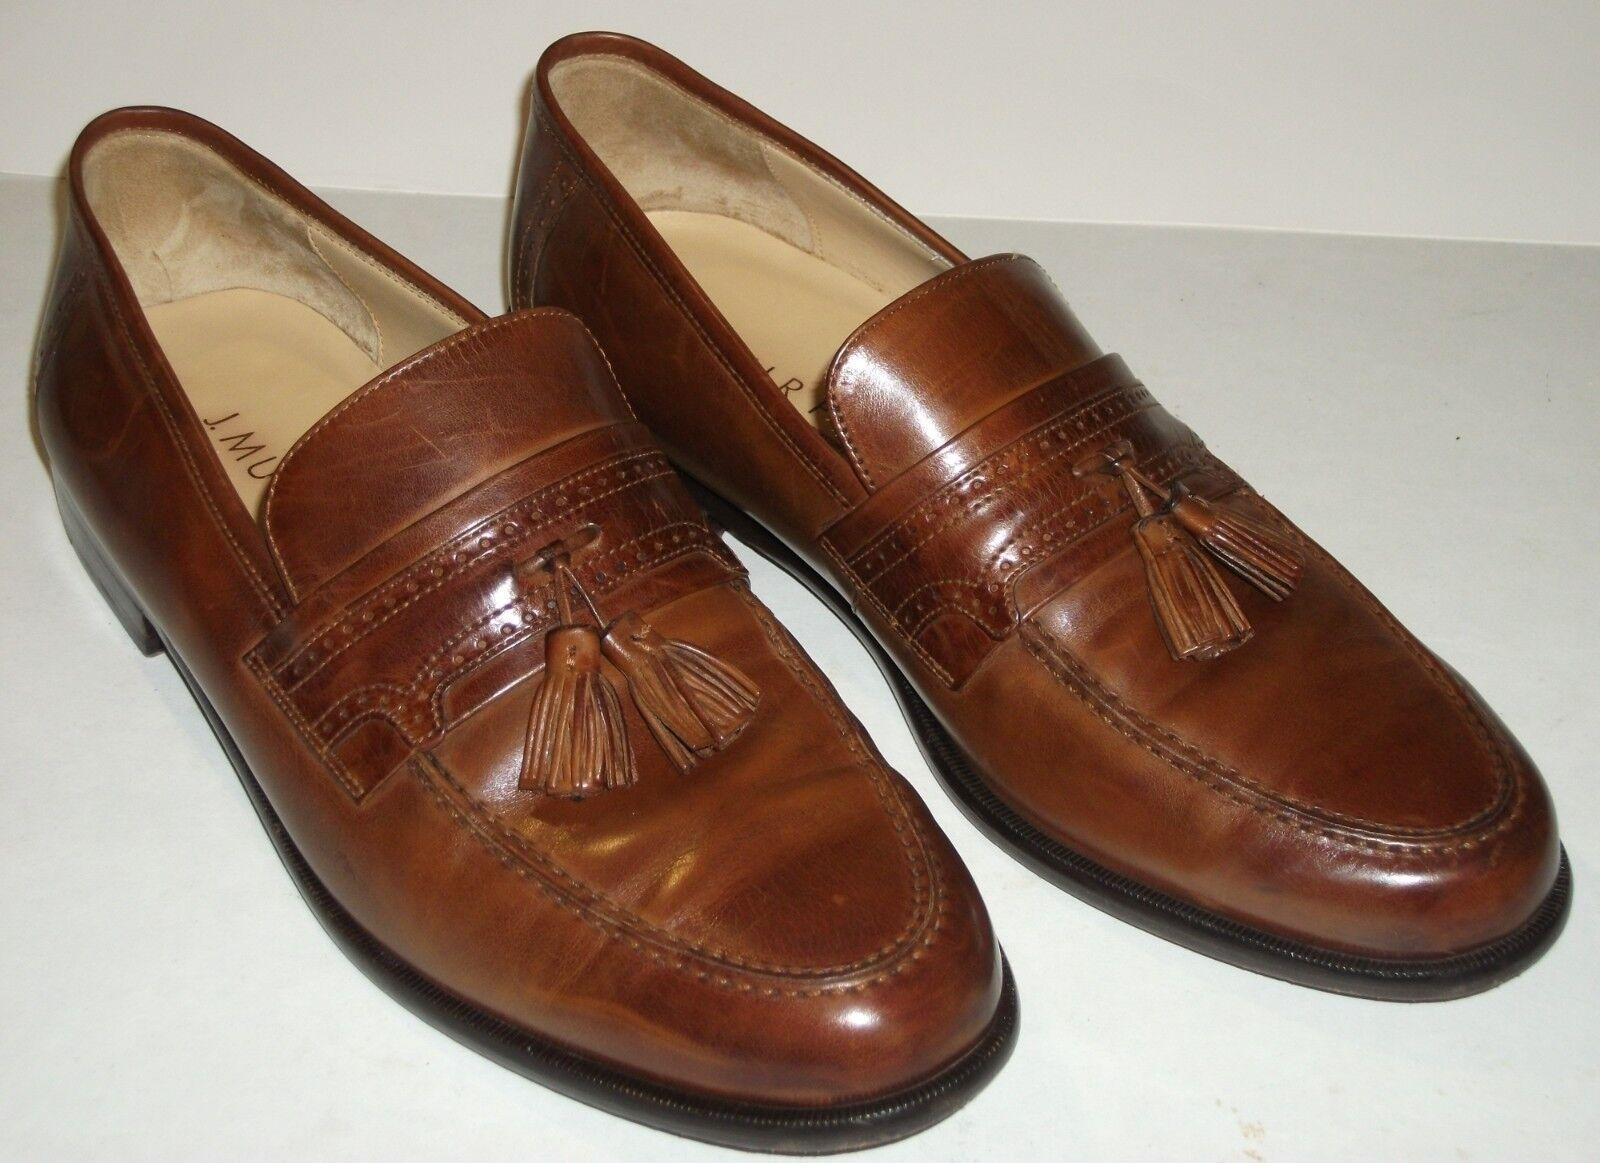 J. Murphy Murphy Murphy - By Johnston & Murphy - braun - Slip on Loafer - Dress schuhe Größe 11M c23de5